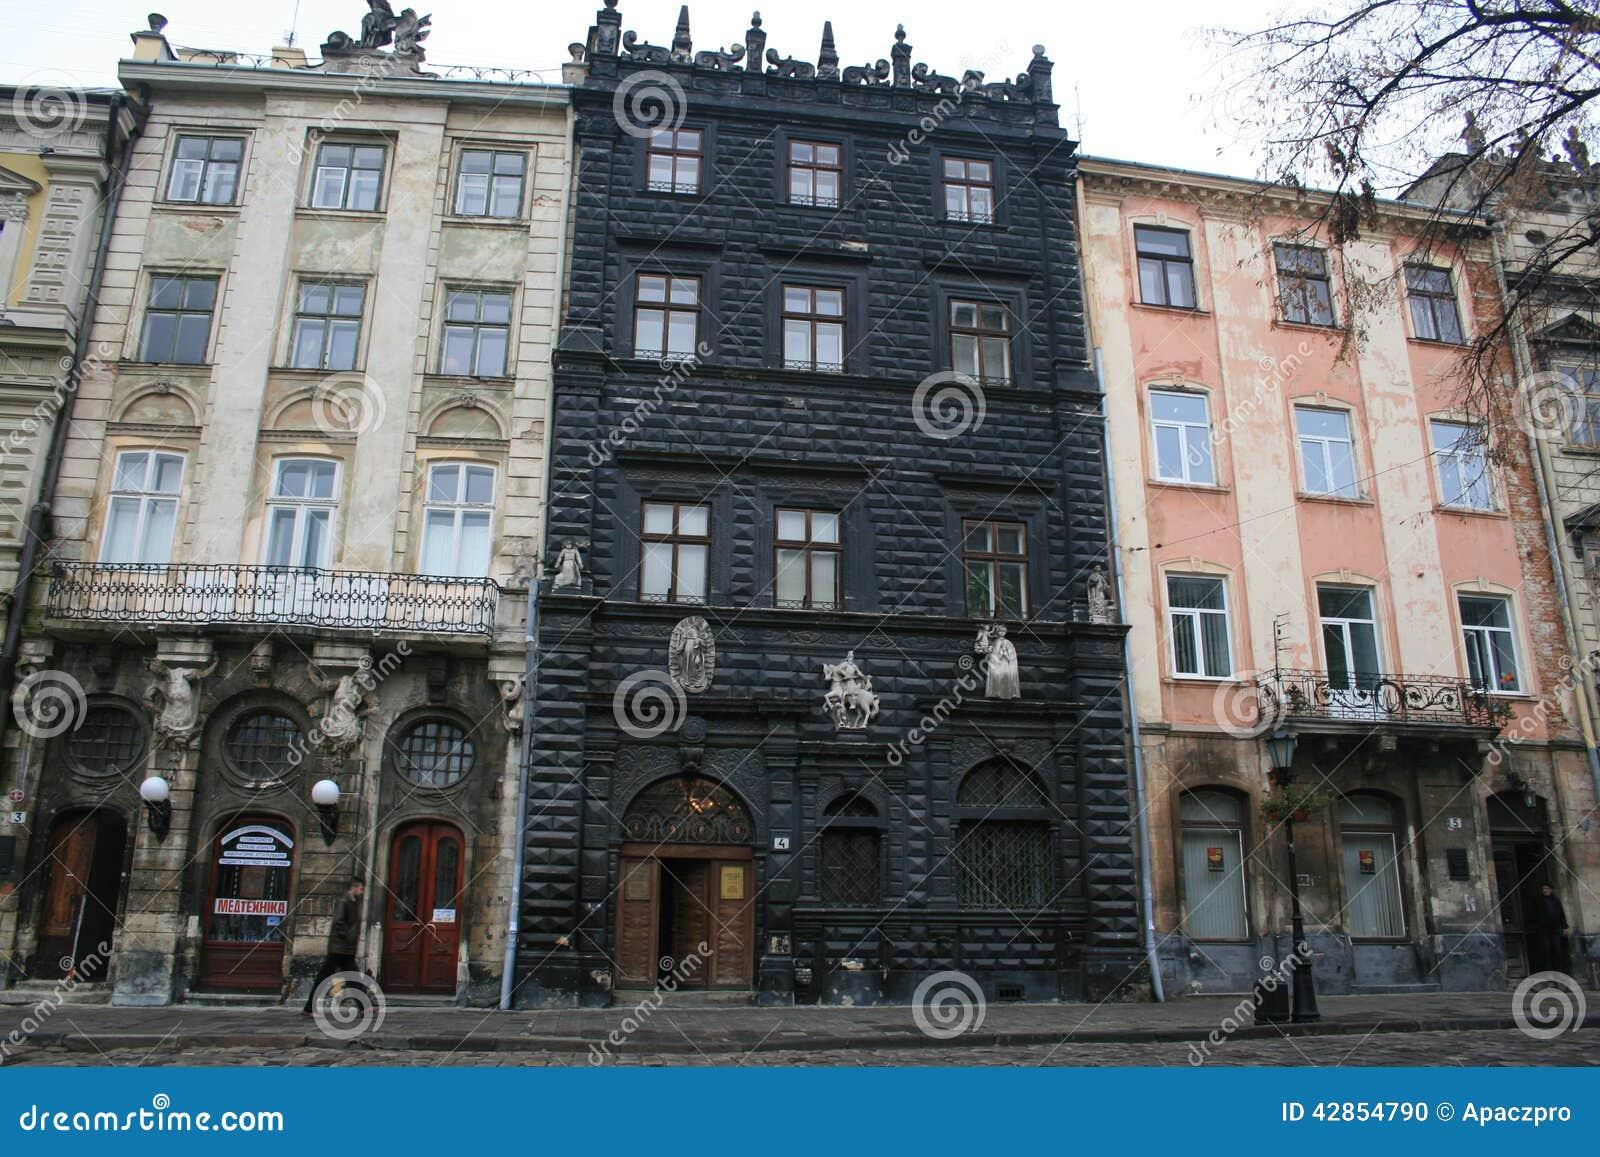 Schwarzes Haus schwarzes haus lemberg redaktionelles bild bild klamotten